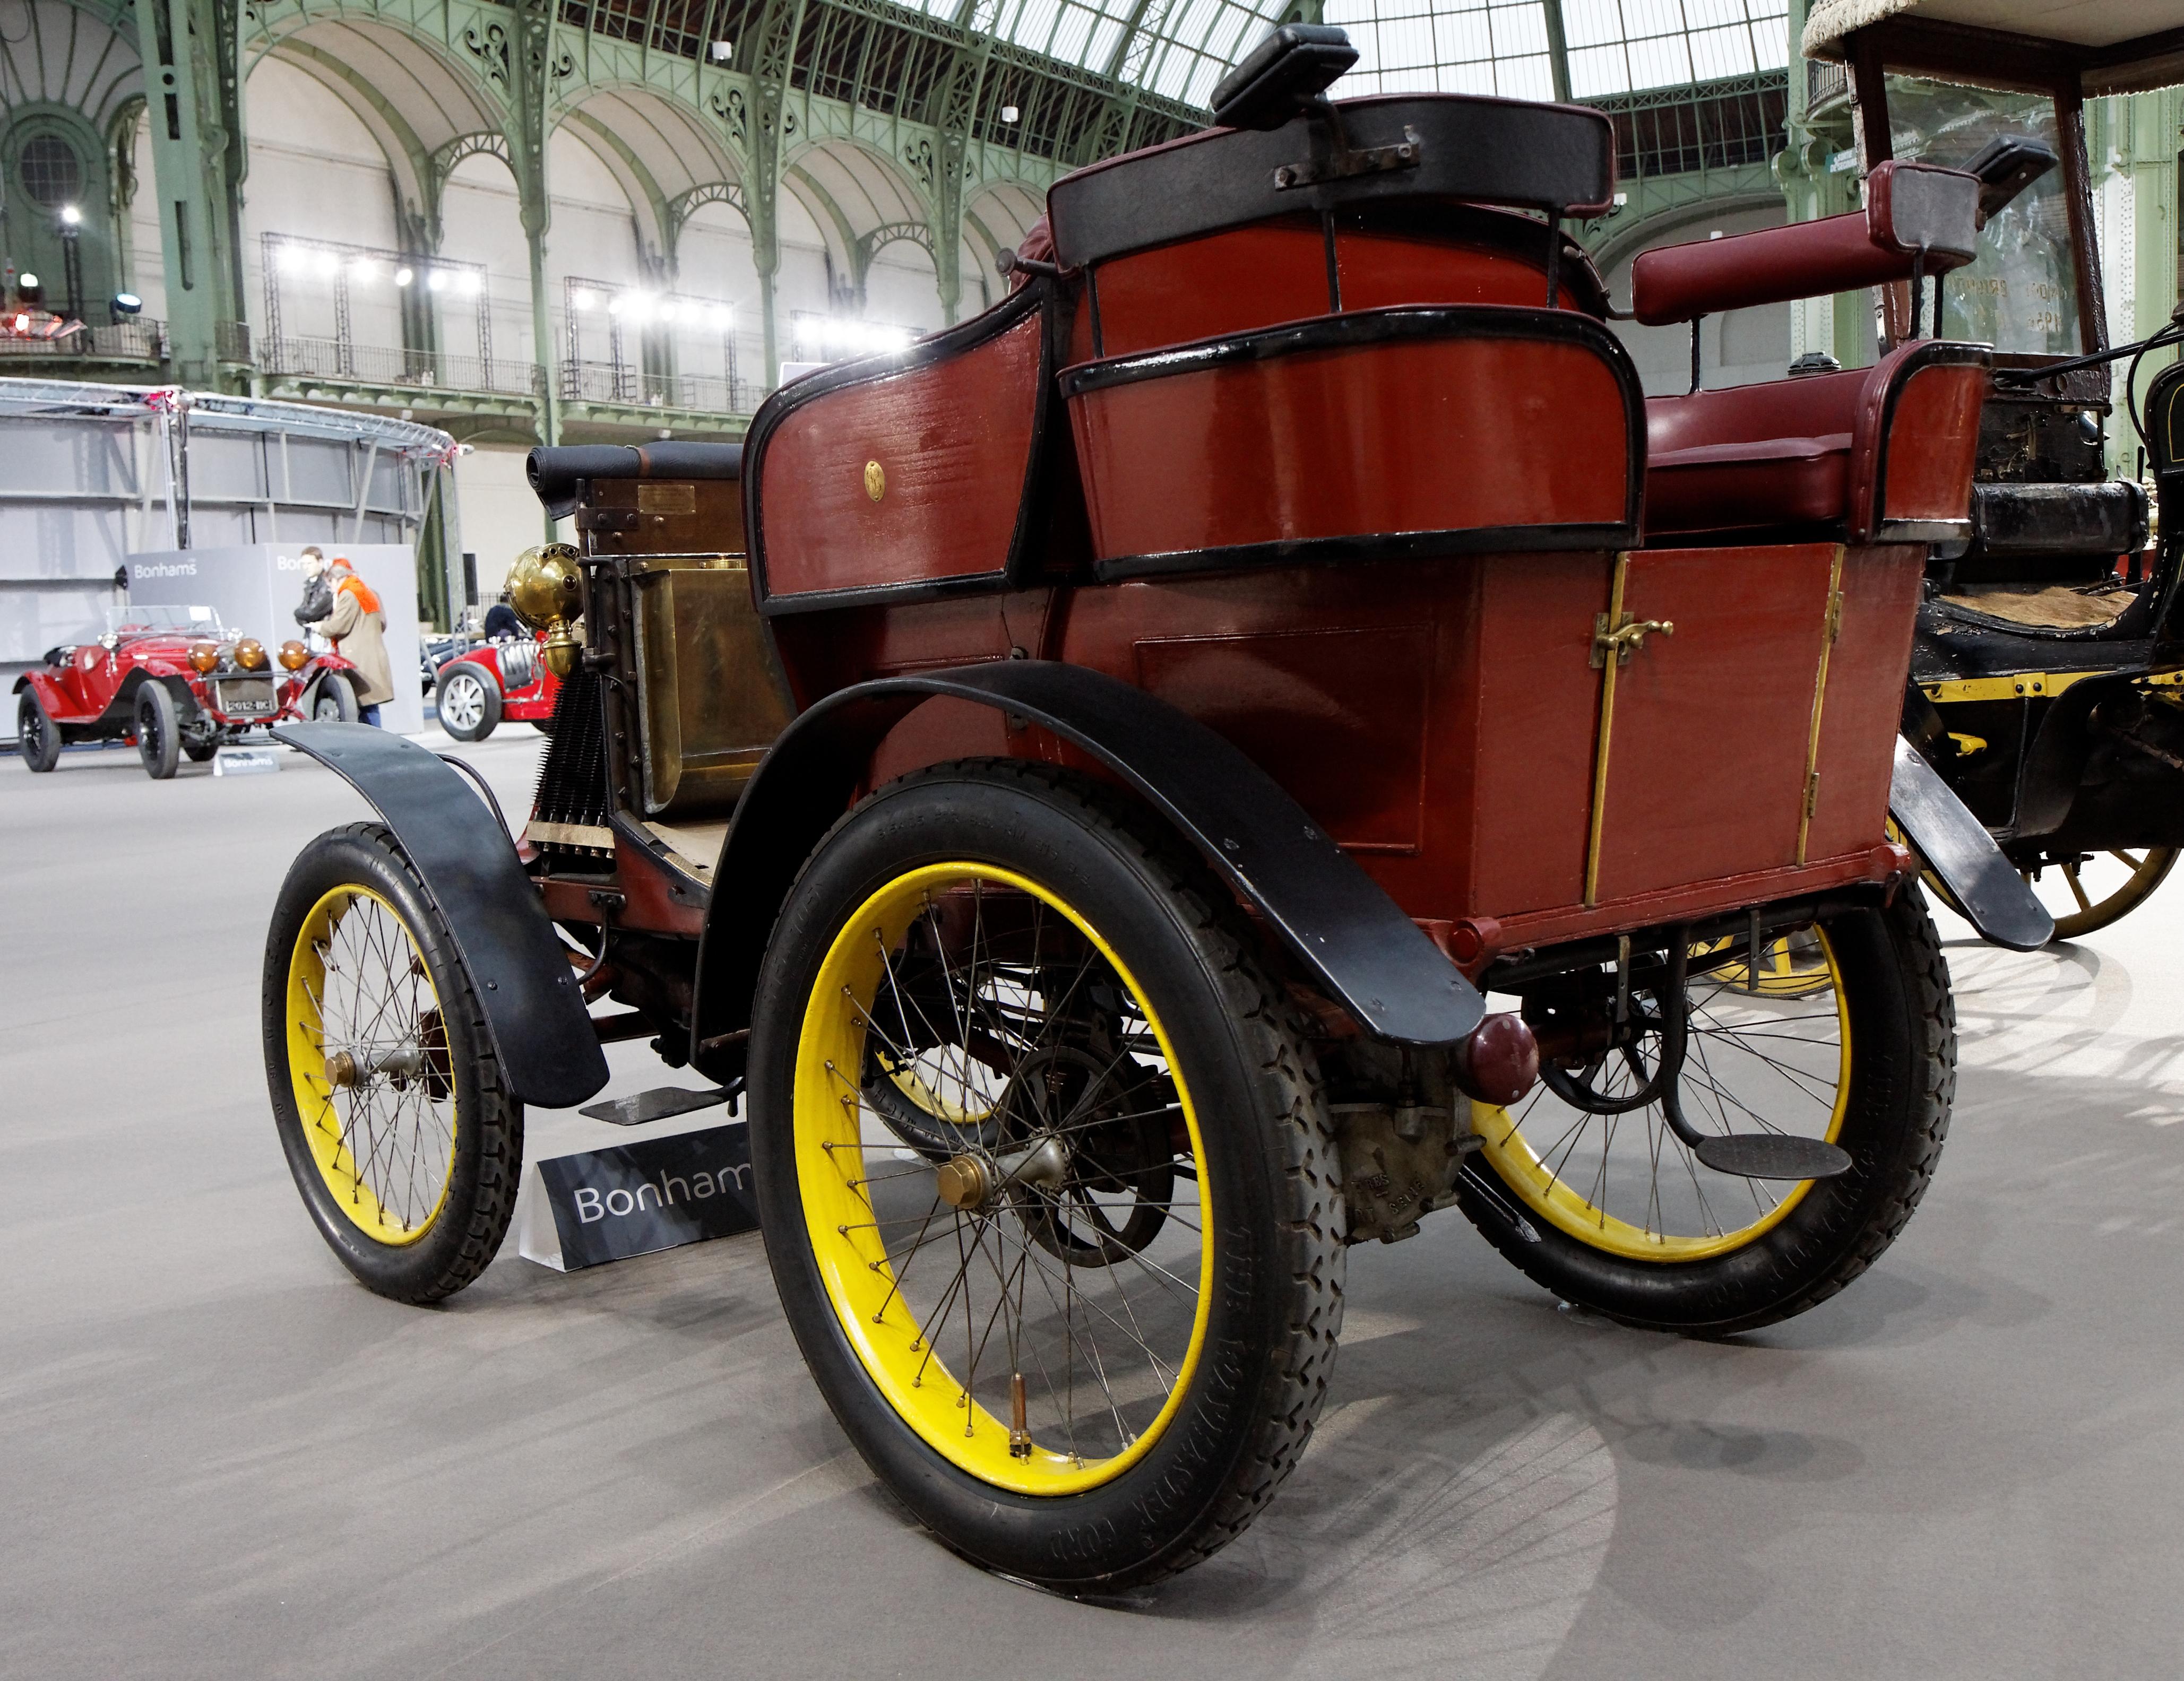 file 110 ans de l u0026 39 automobile au grand palais - renault type c tonneau 3 5 cv - 1900